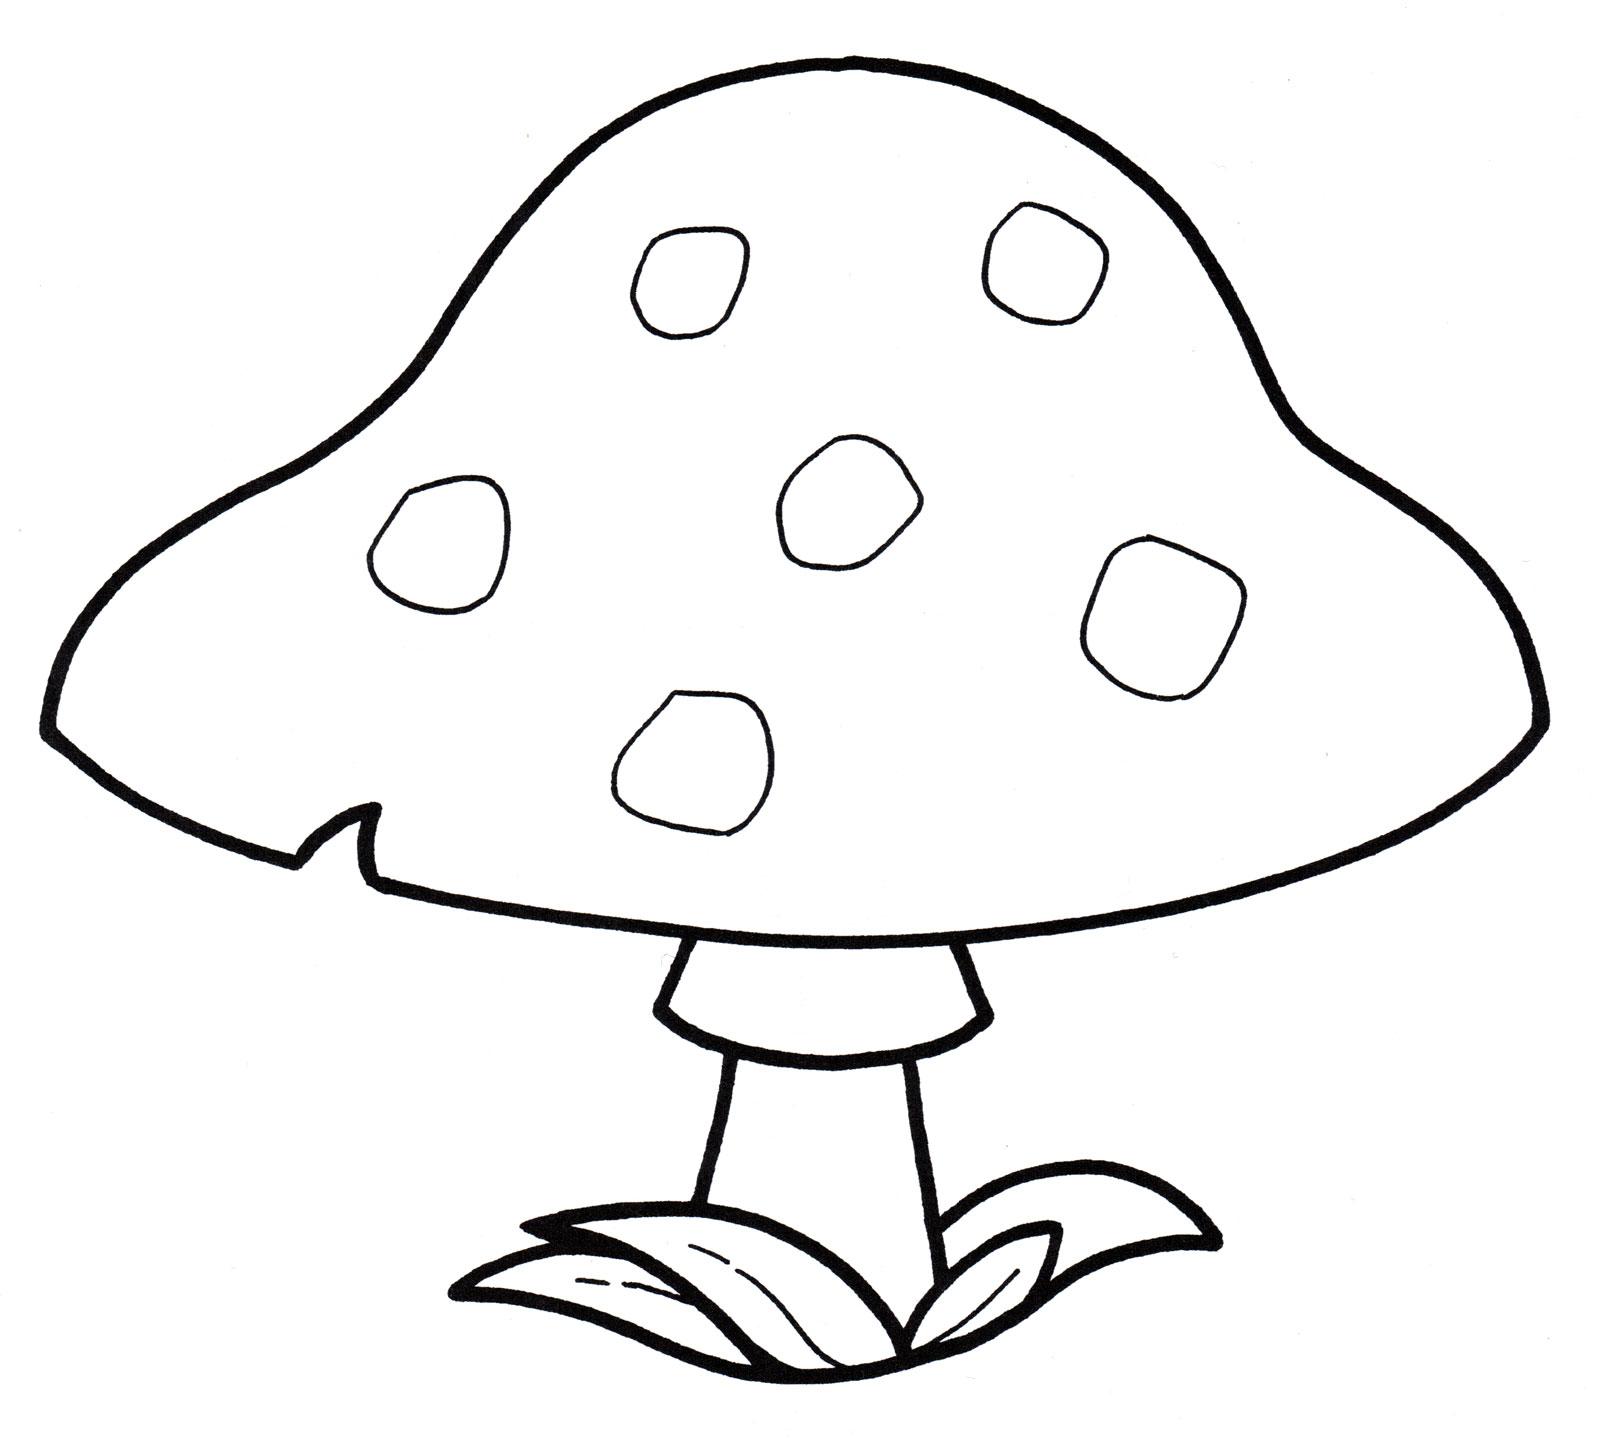 название выдуманной раскраска грибы мухоморы вам известно